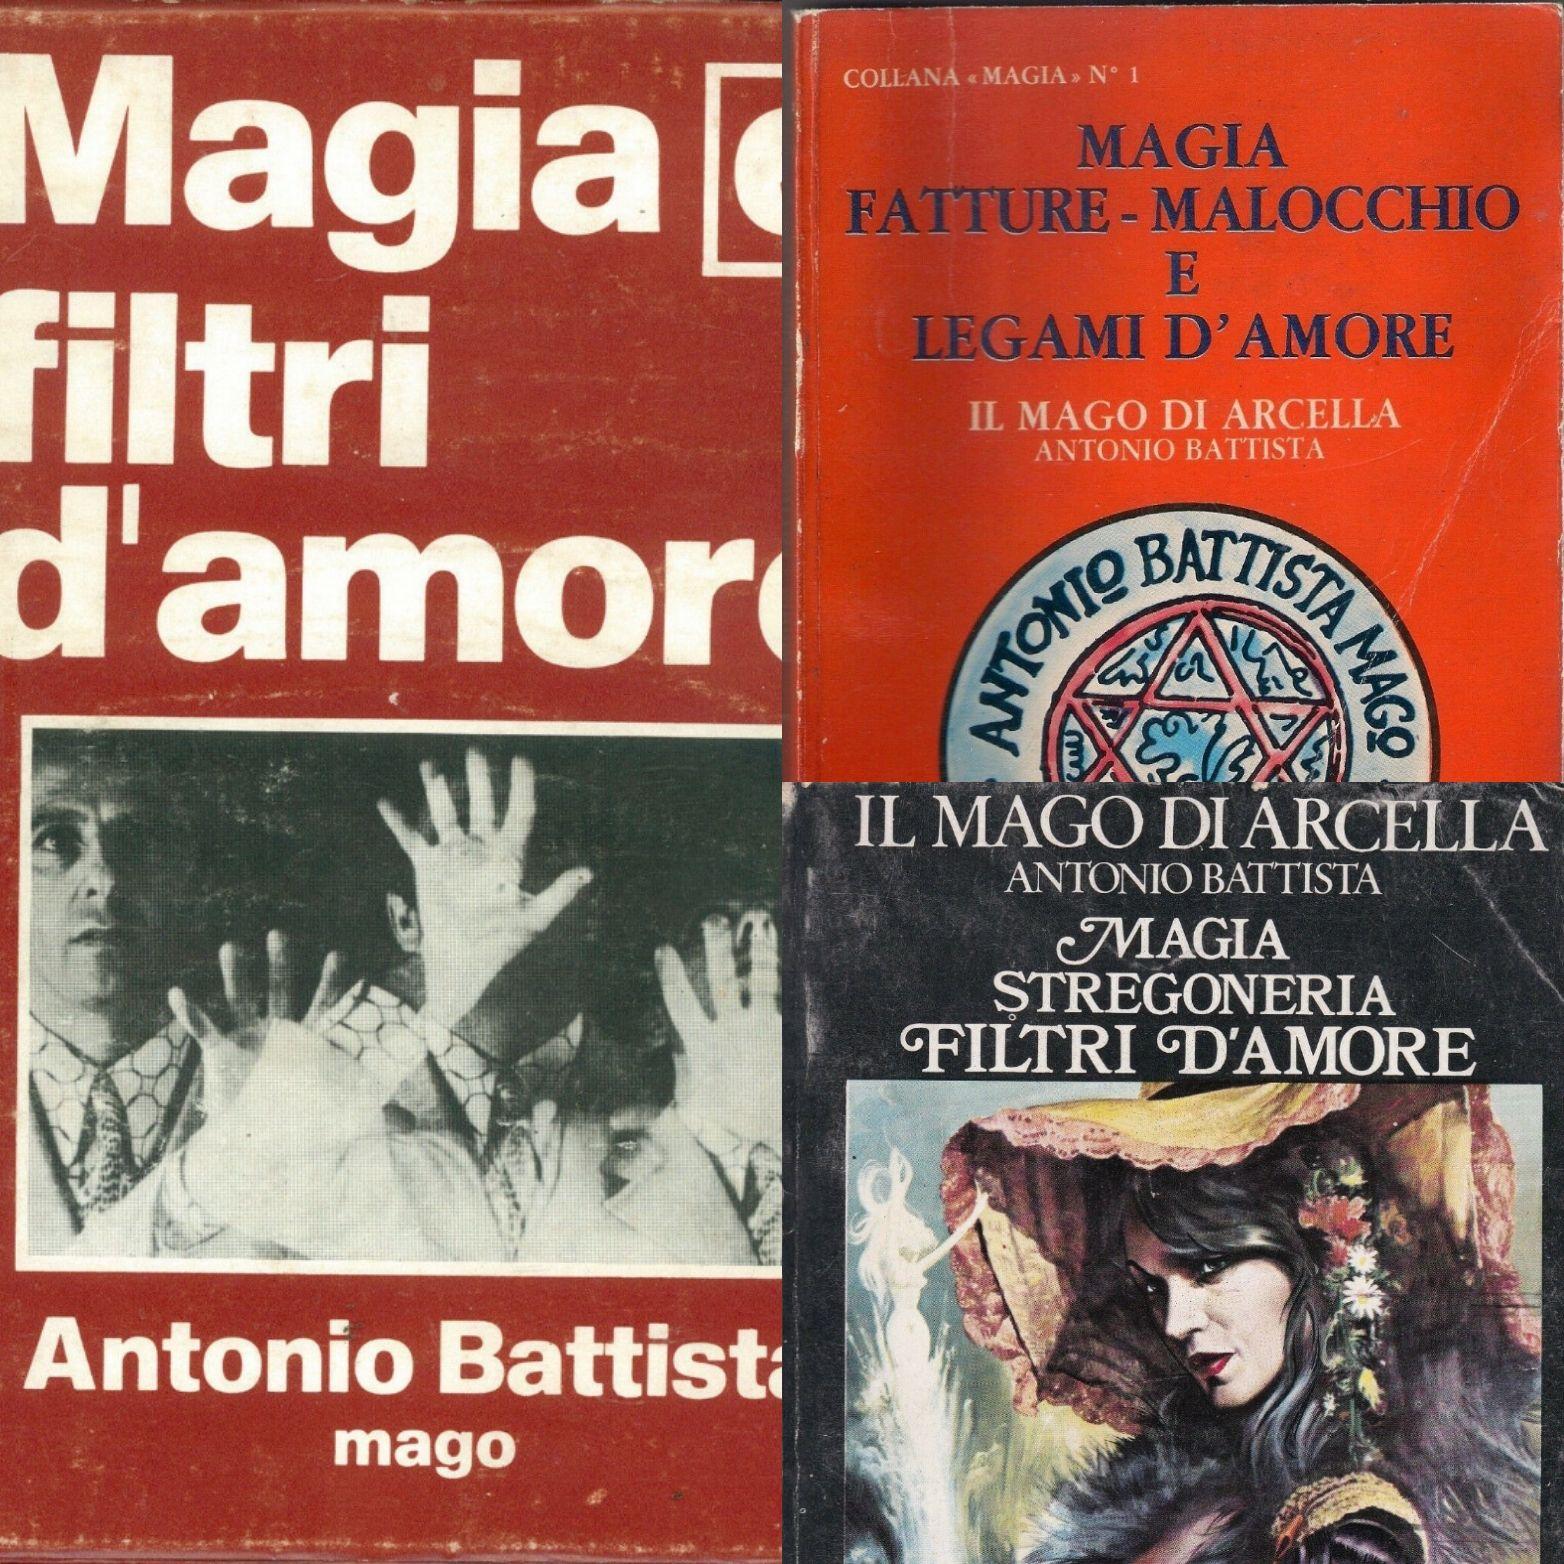 Vi ricordate il Mago di Arcella (Antonio Battista)? I suoi libri anni '70 sono da collezione!